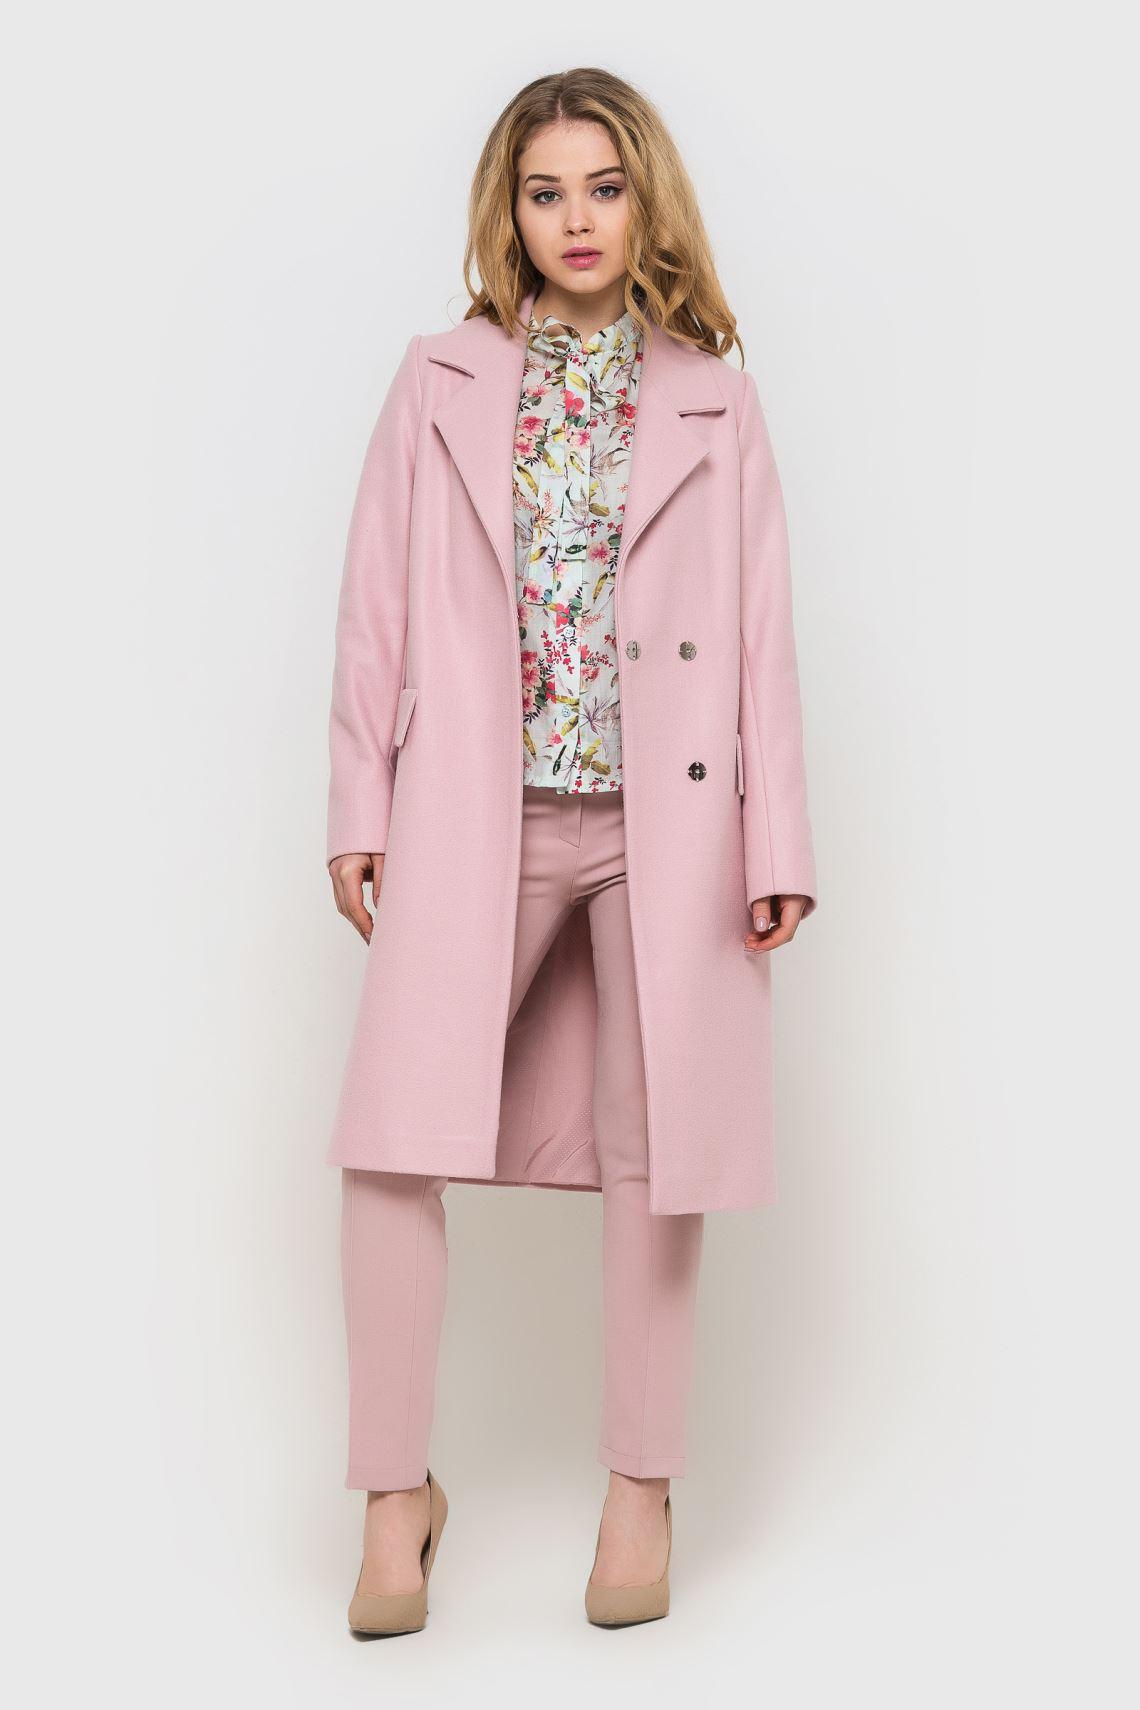 Пальто жіноче рожеве подовжене  d2810569522a5